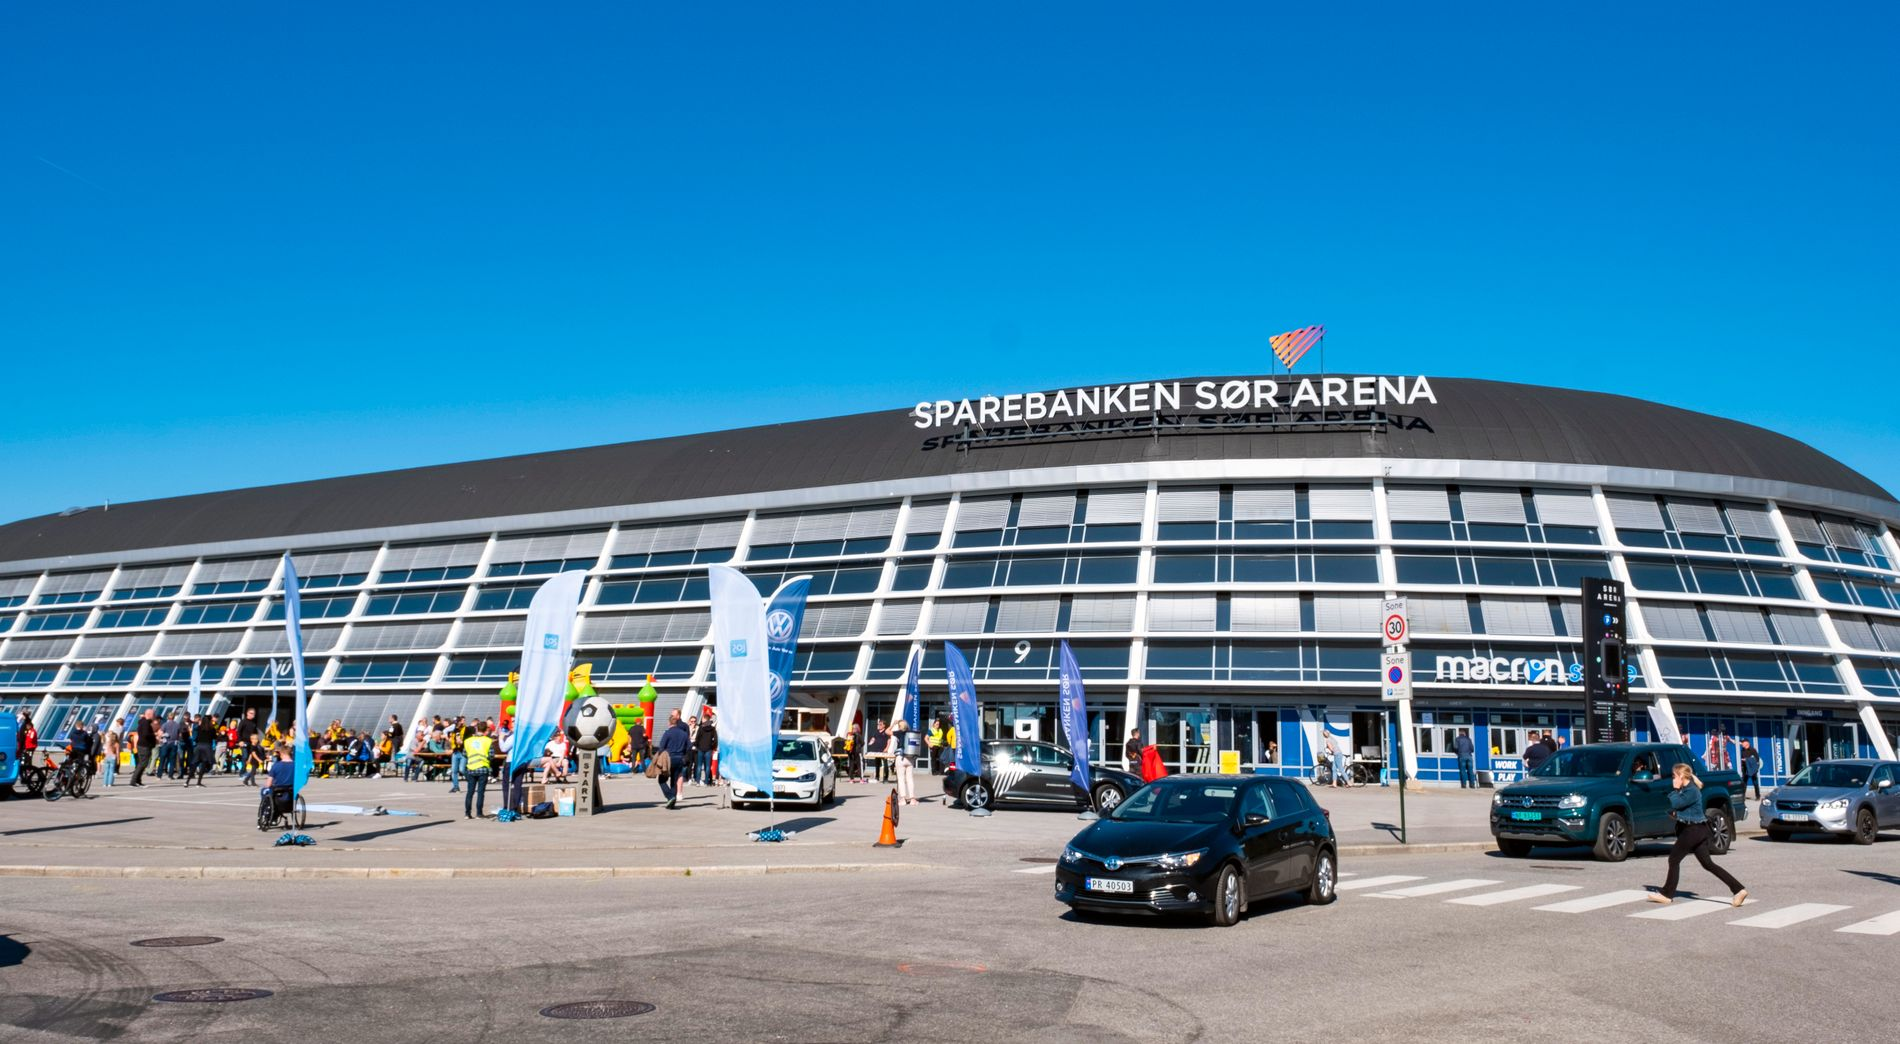 STADIONKRANGEL: Sør Arena og leieavtalen Start har med kommunen har blitt gjenstand for offentlig debatt i lokalpressen den siste tiden.